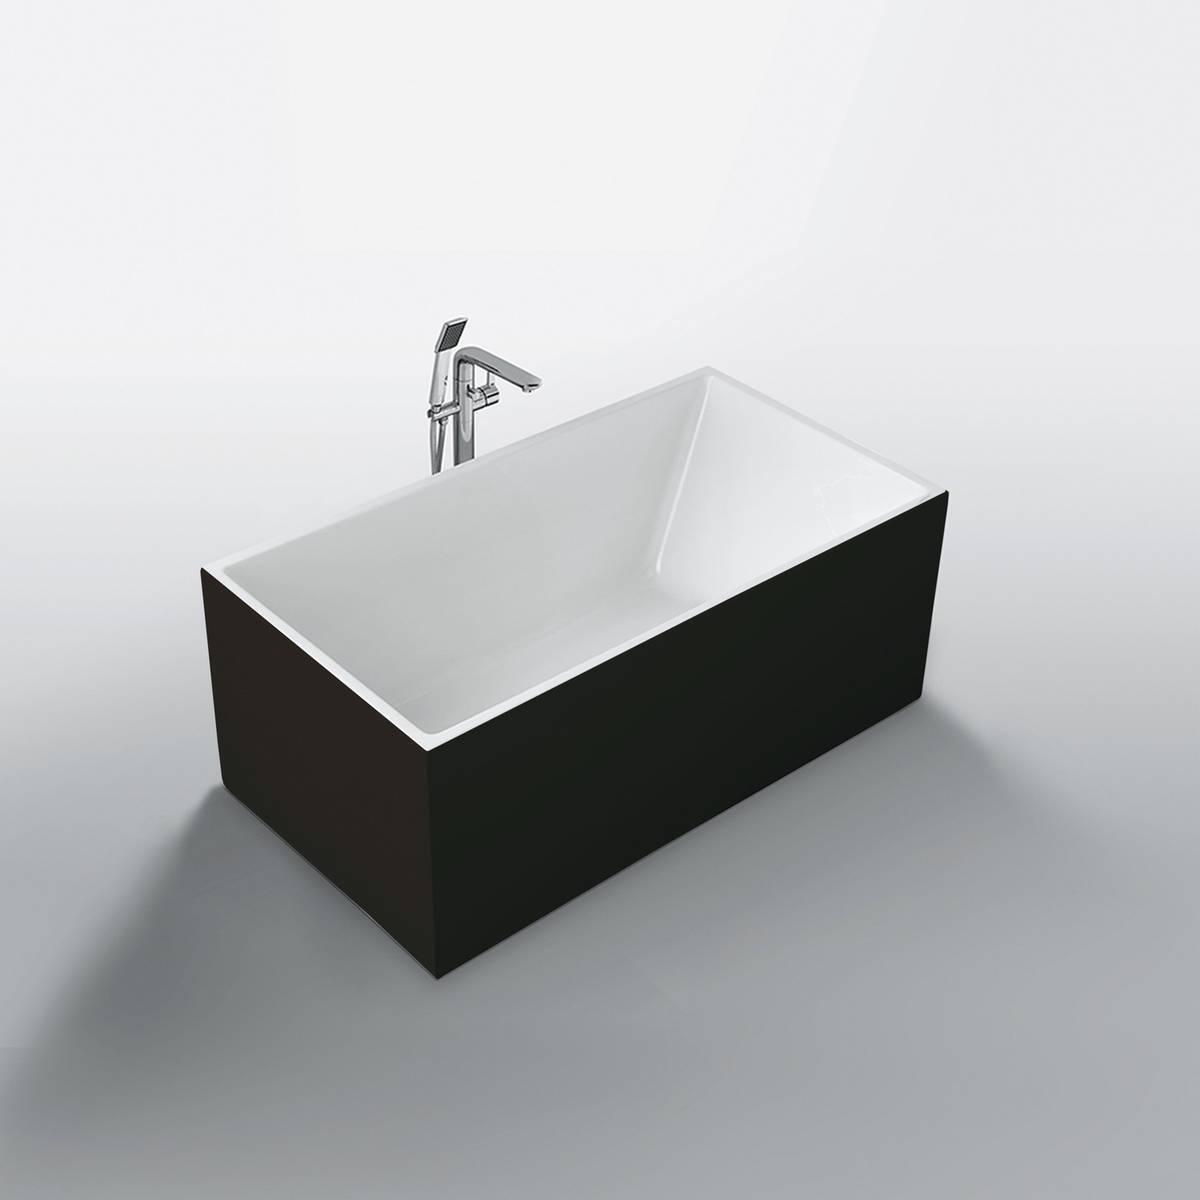 ESCLUSIVA vasca vasca vasca da bagno indipendente con Ab Und Troppopieno NUOVO ORIGINALE ff59ff